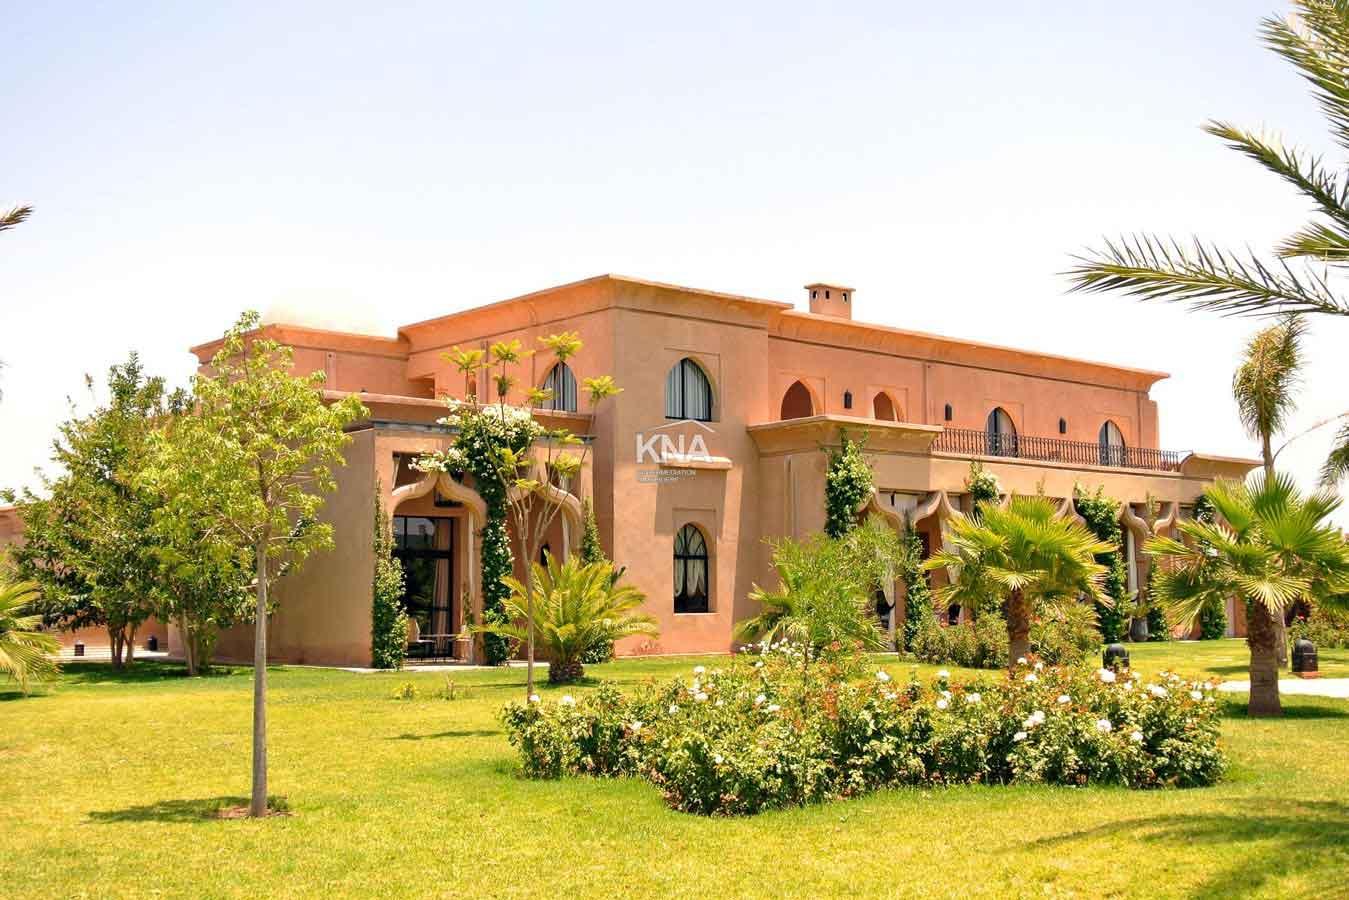 Appartement Location à Marrakech